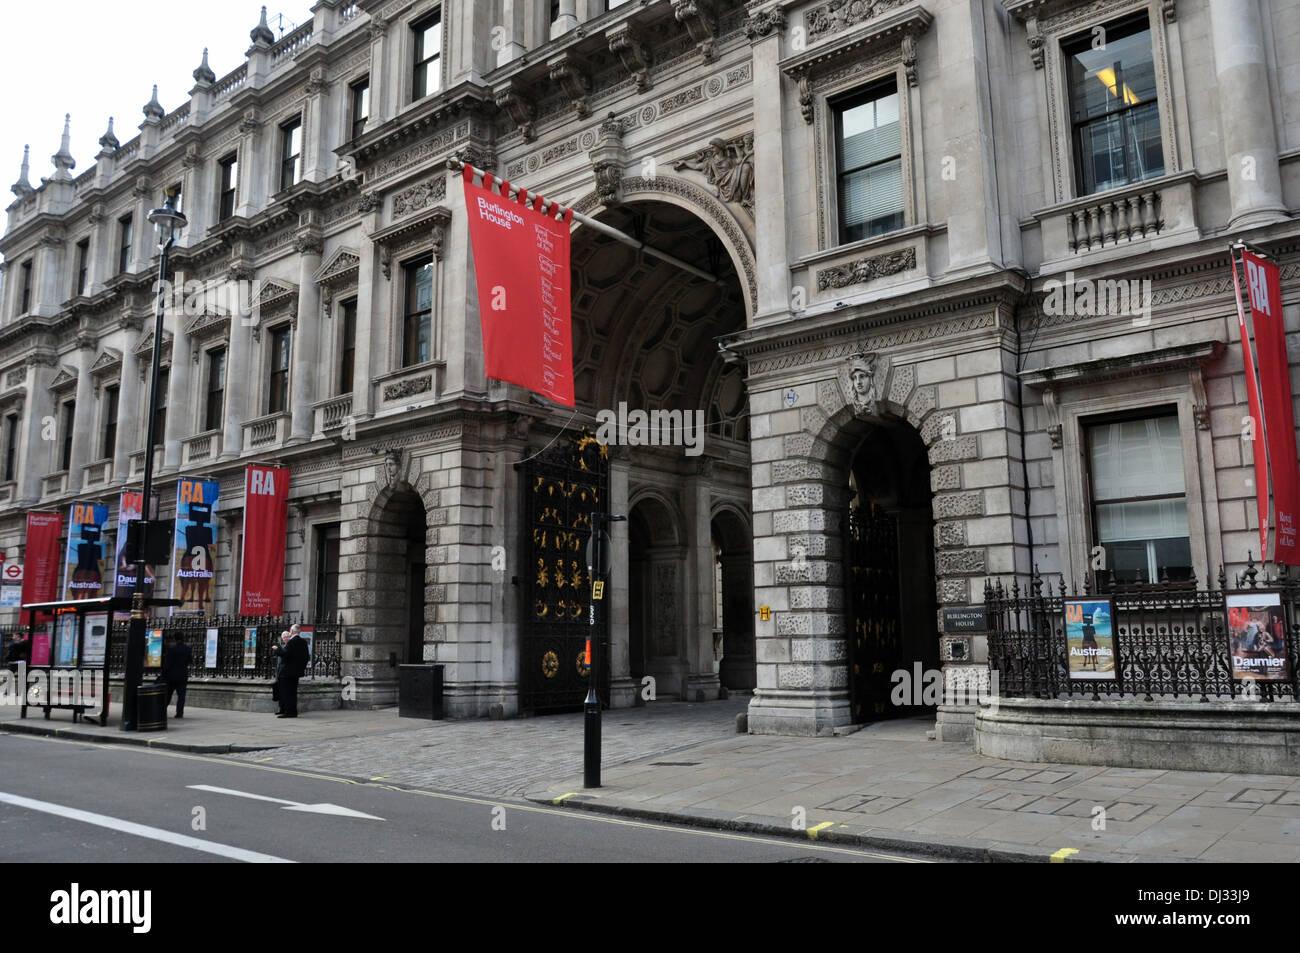 ROYAL ACADEMY PICADILLY LONDON UK - Stock Image